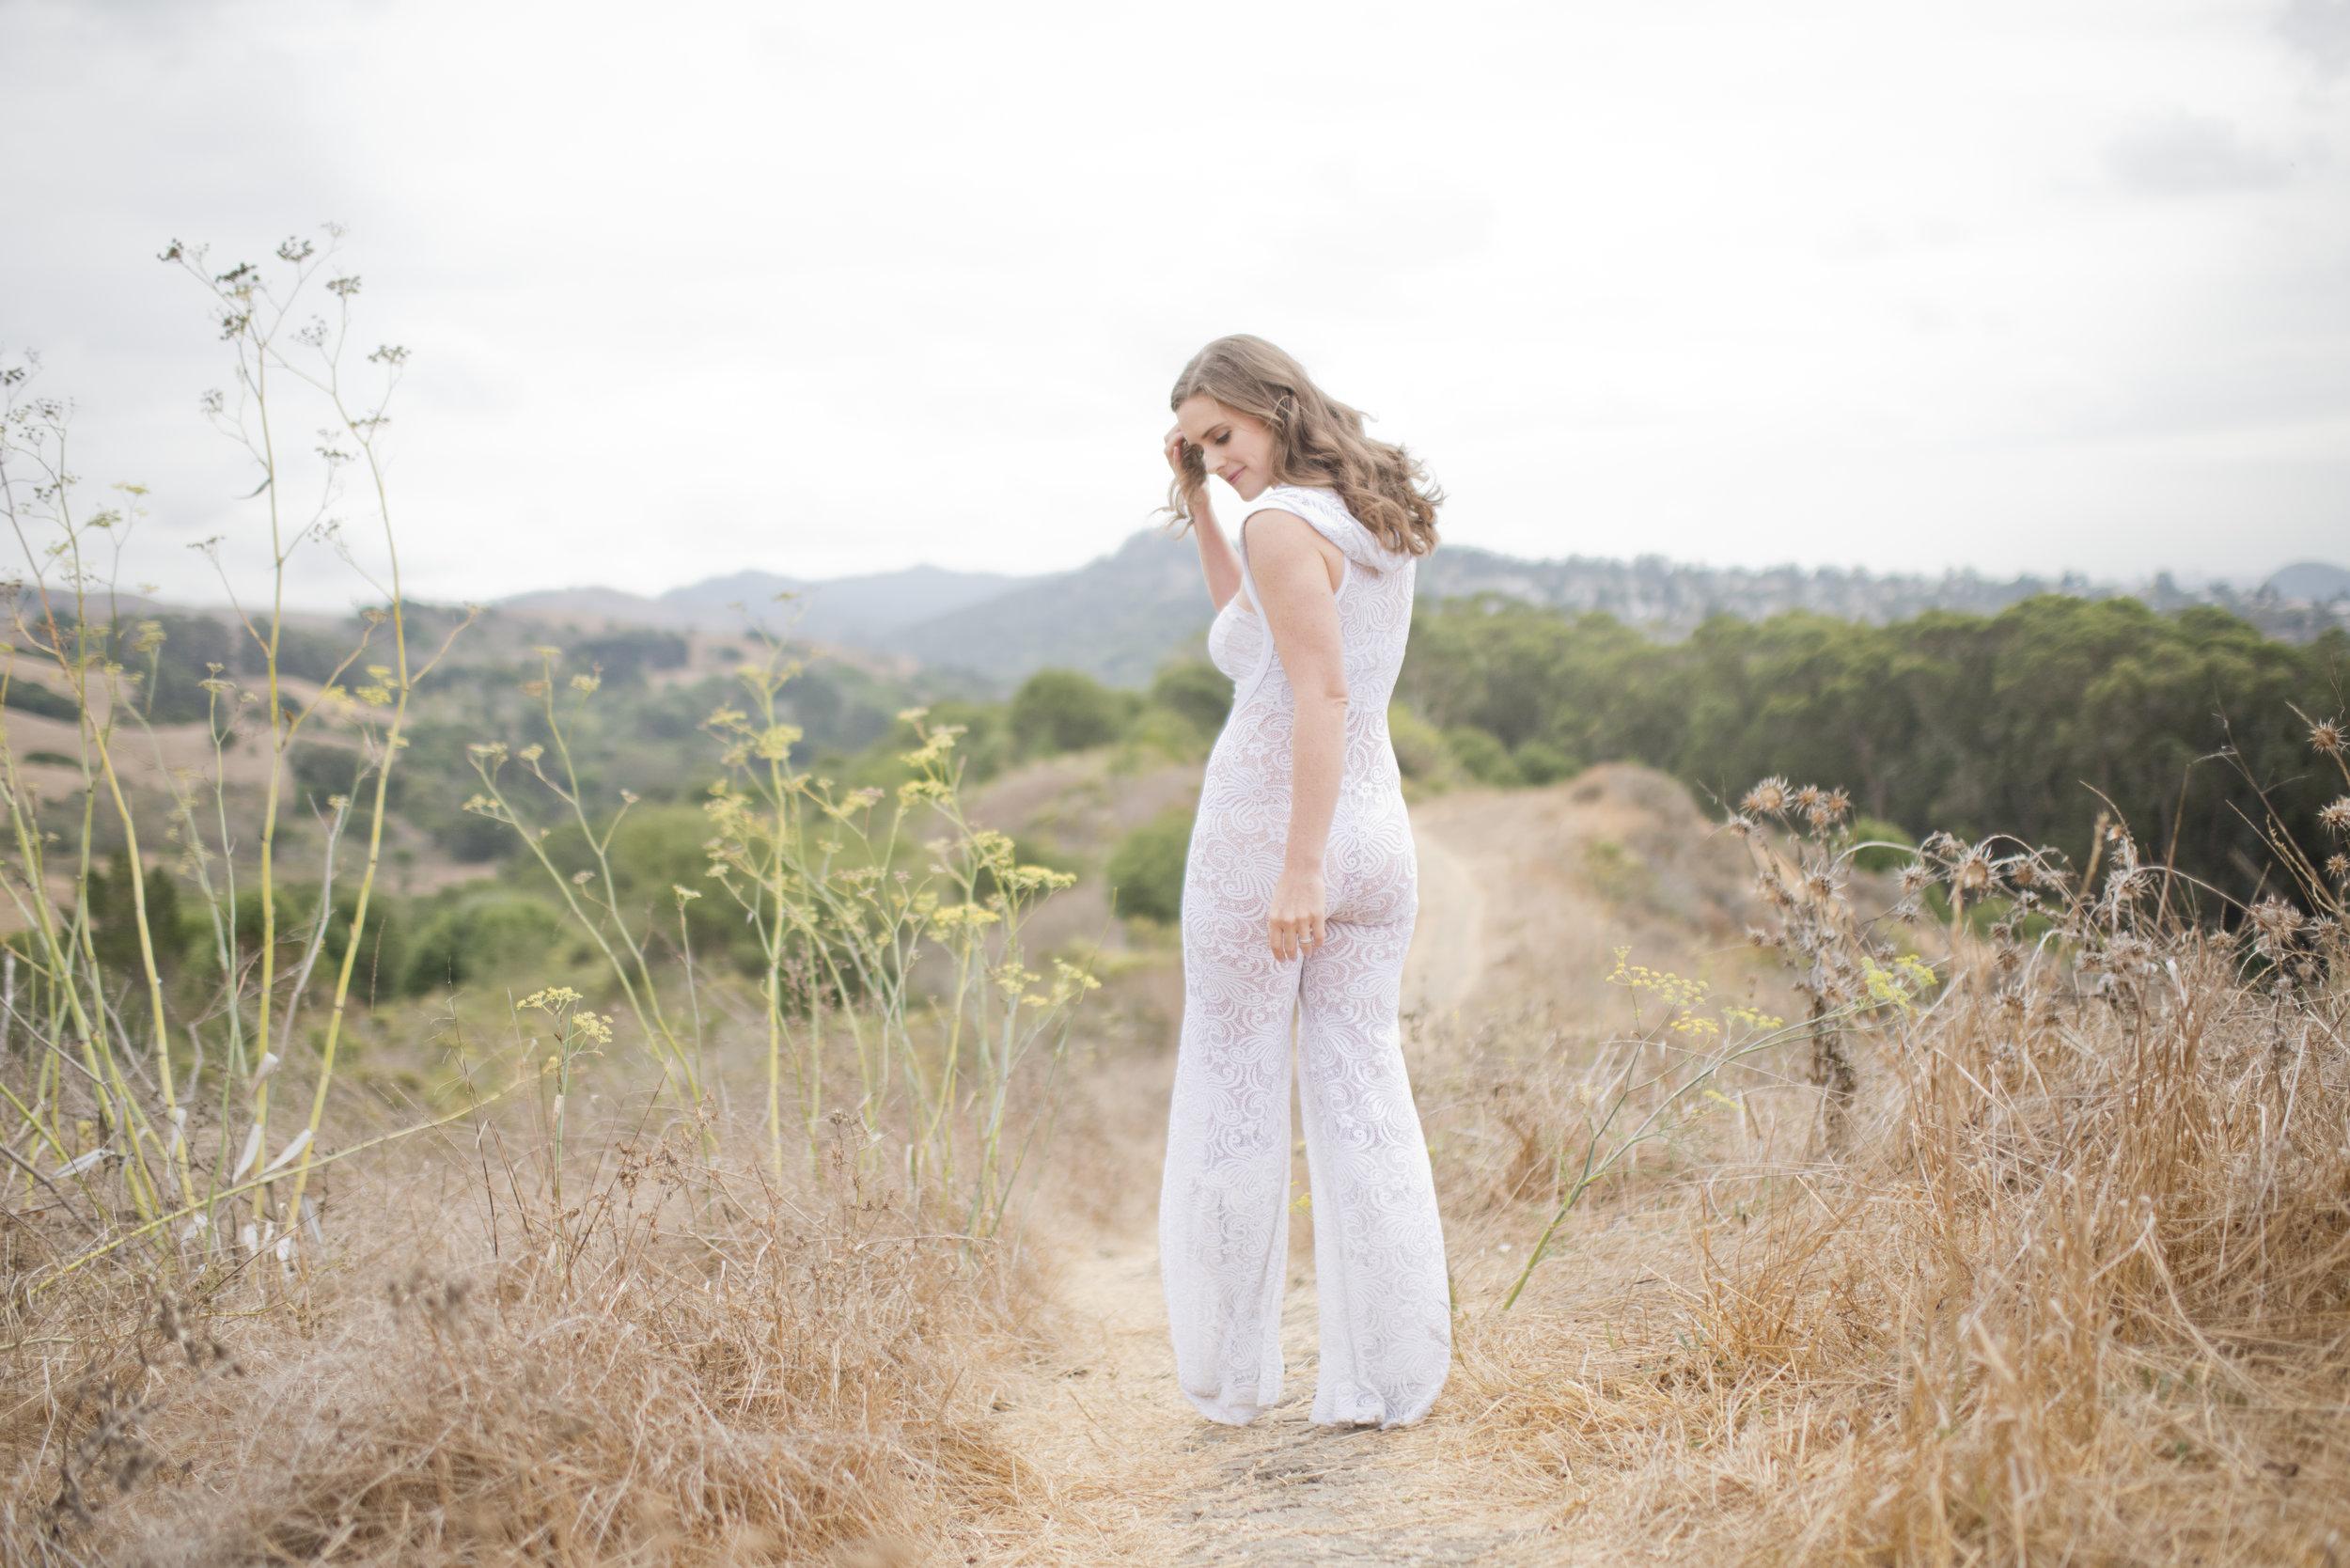 Photo by Wendy Yalom